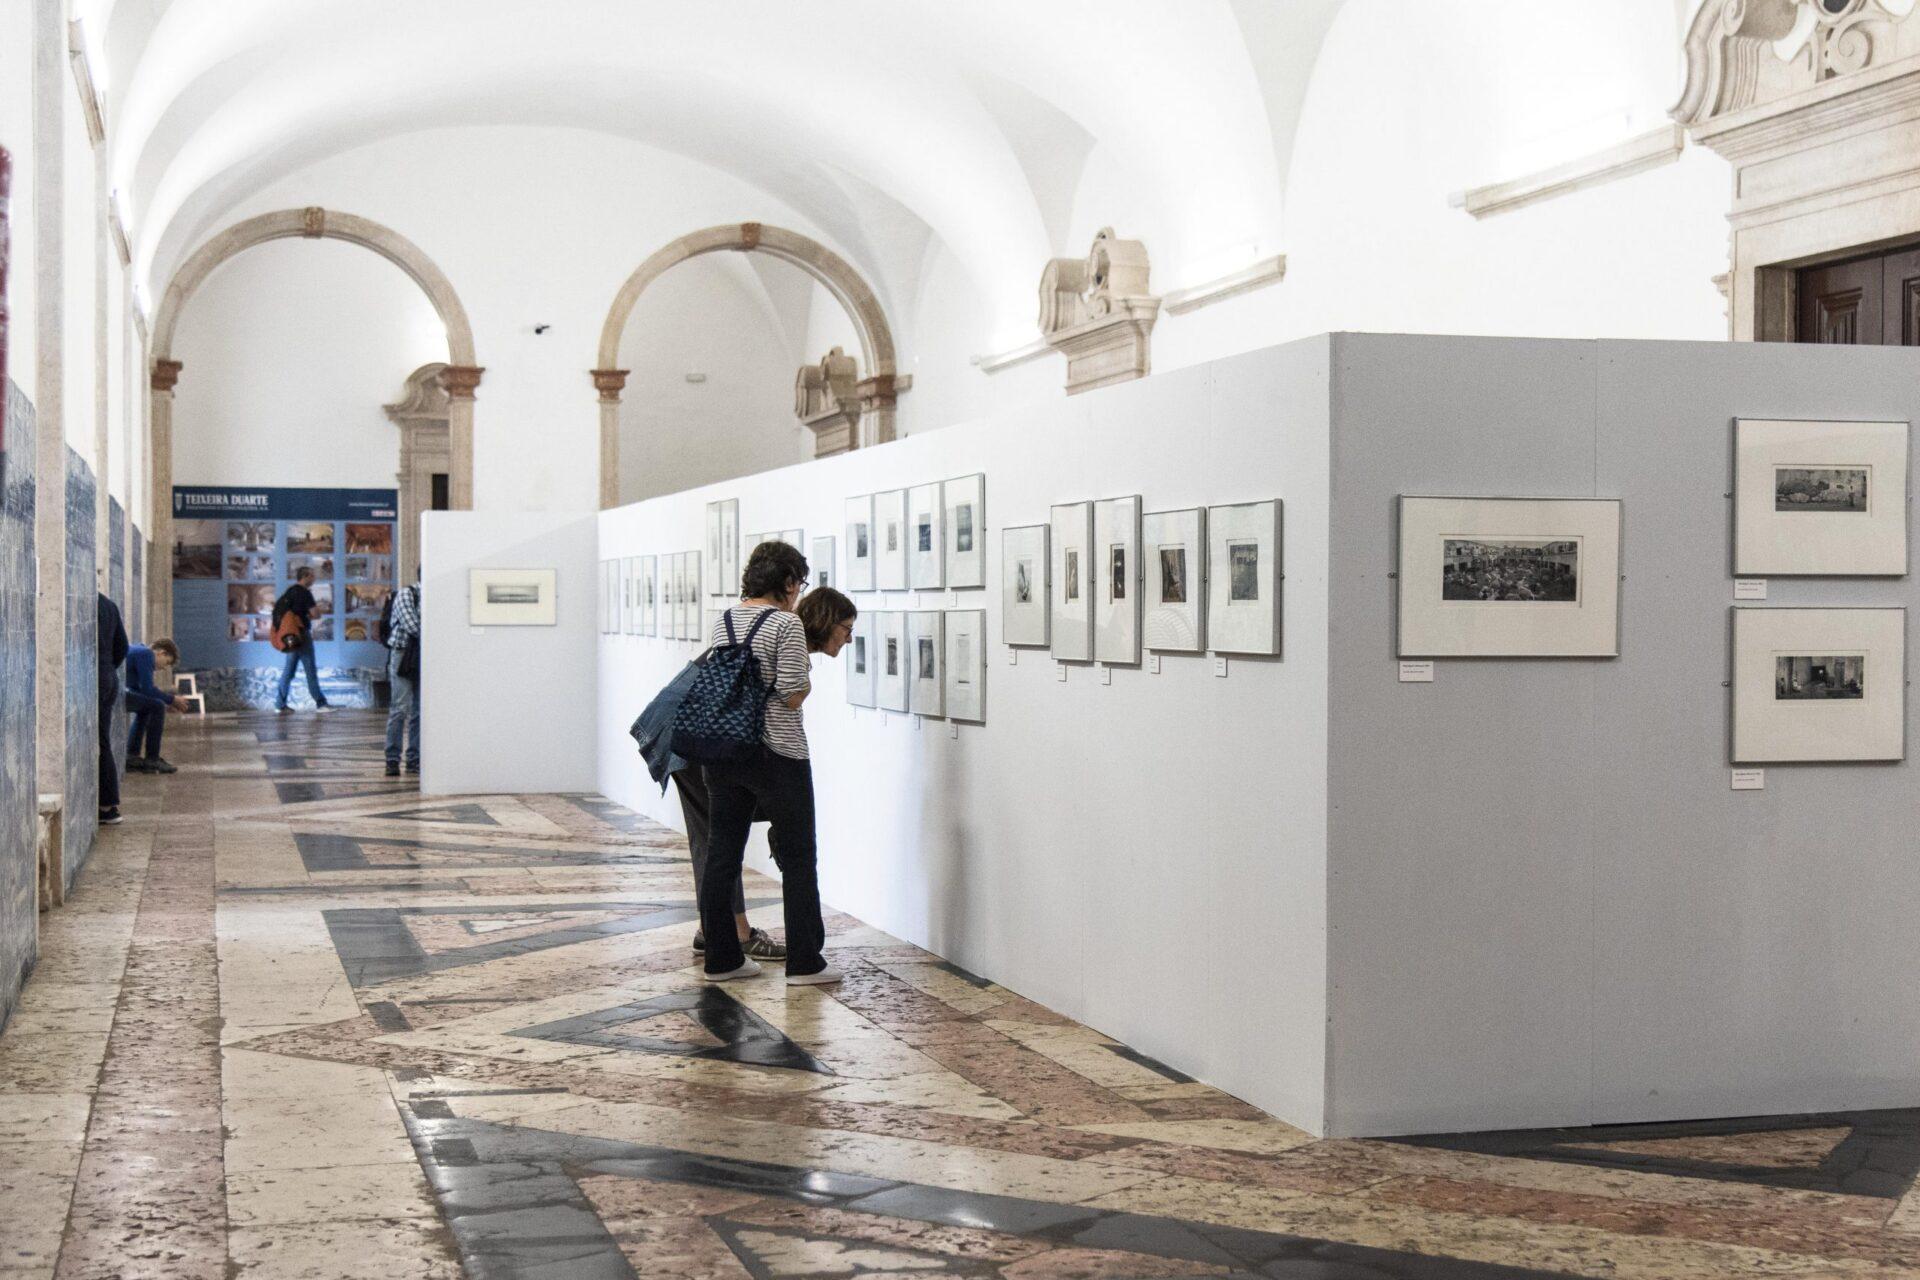 Imago; Festival de Fotografia; Exposição; Pentti Sammallahti; Convento da Graça; Lisboa; © Hugo David 2019